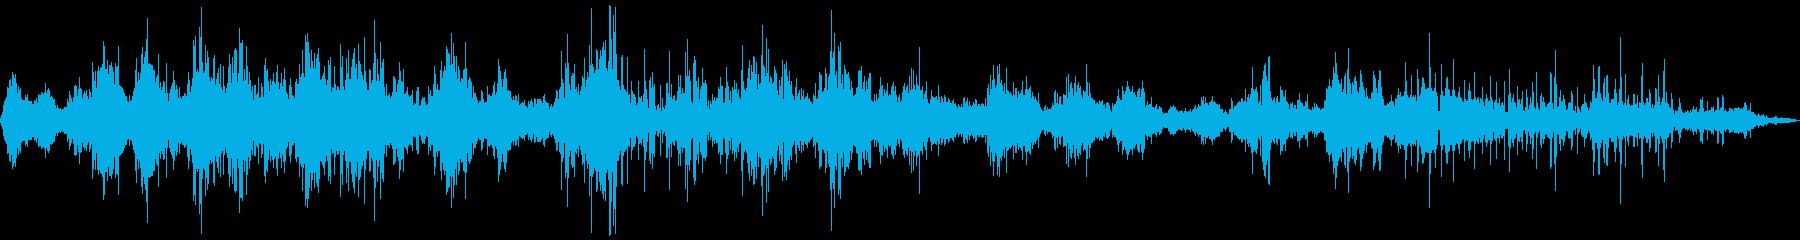 エイリアントラクタービームシーケン...の再生済みの波形